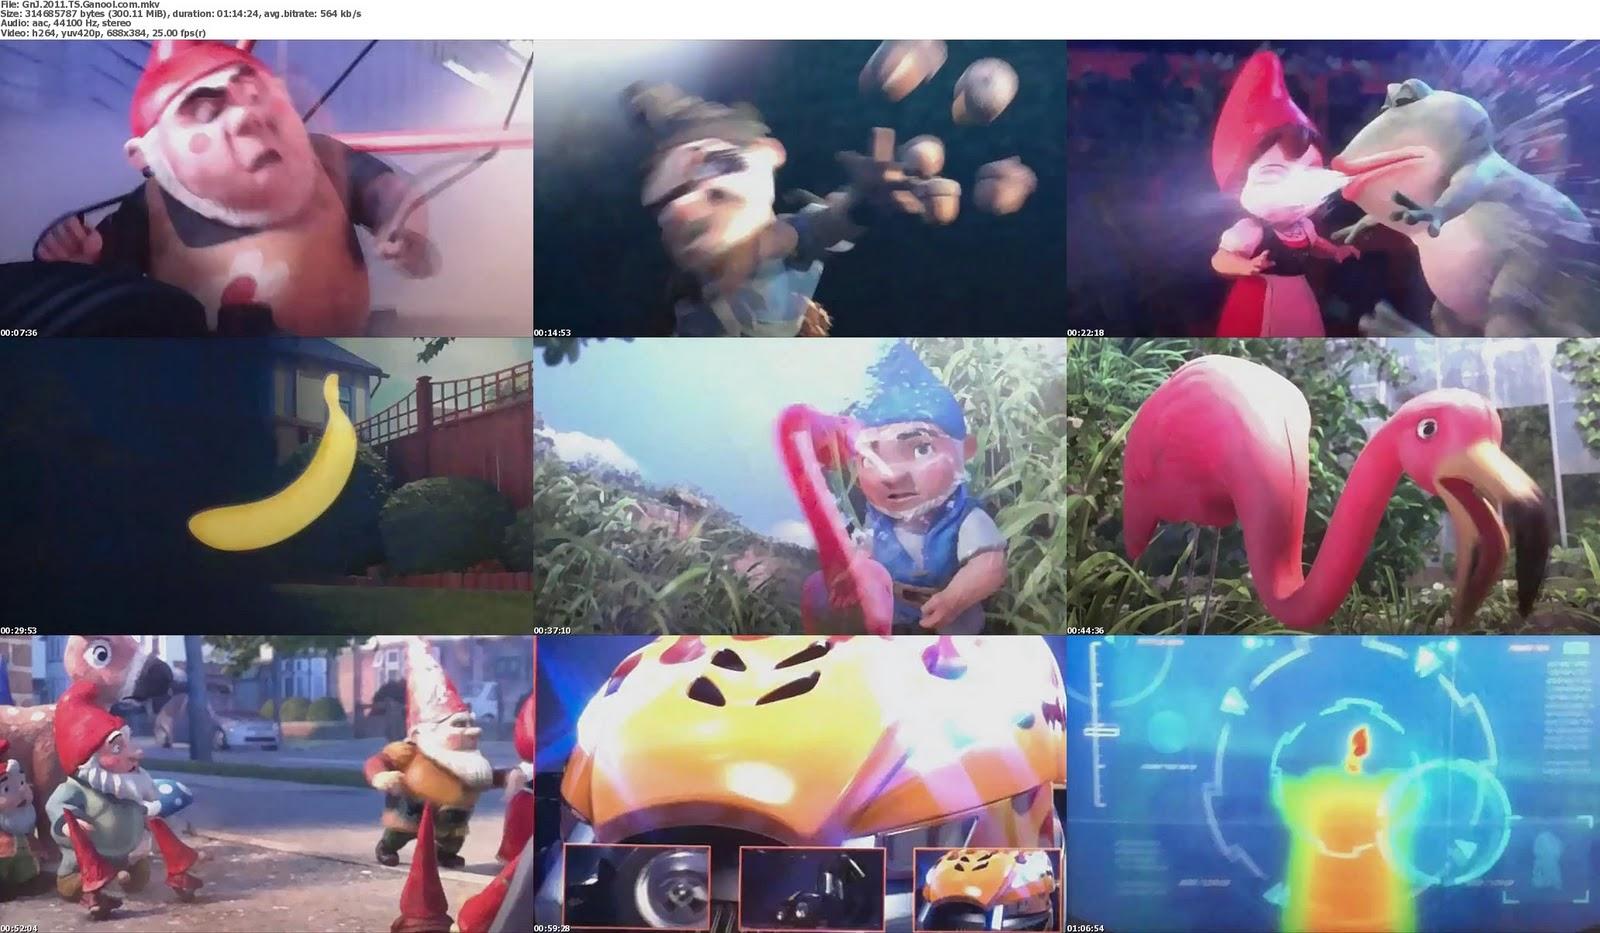 http://4.bp.blogspot.com/-Z51JK2hrBeQ/TWCSN05pmnI/AAAAAAAAEEI/hVjkxxwrwnE/s1600/Gnomeo+%2526+Juliet+Screen.jpg